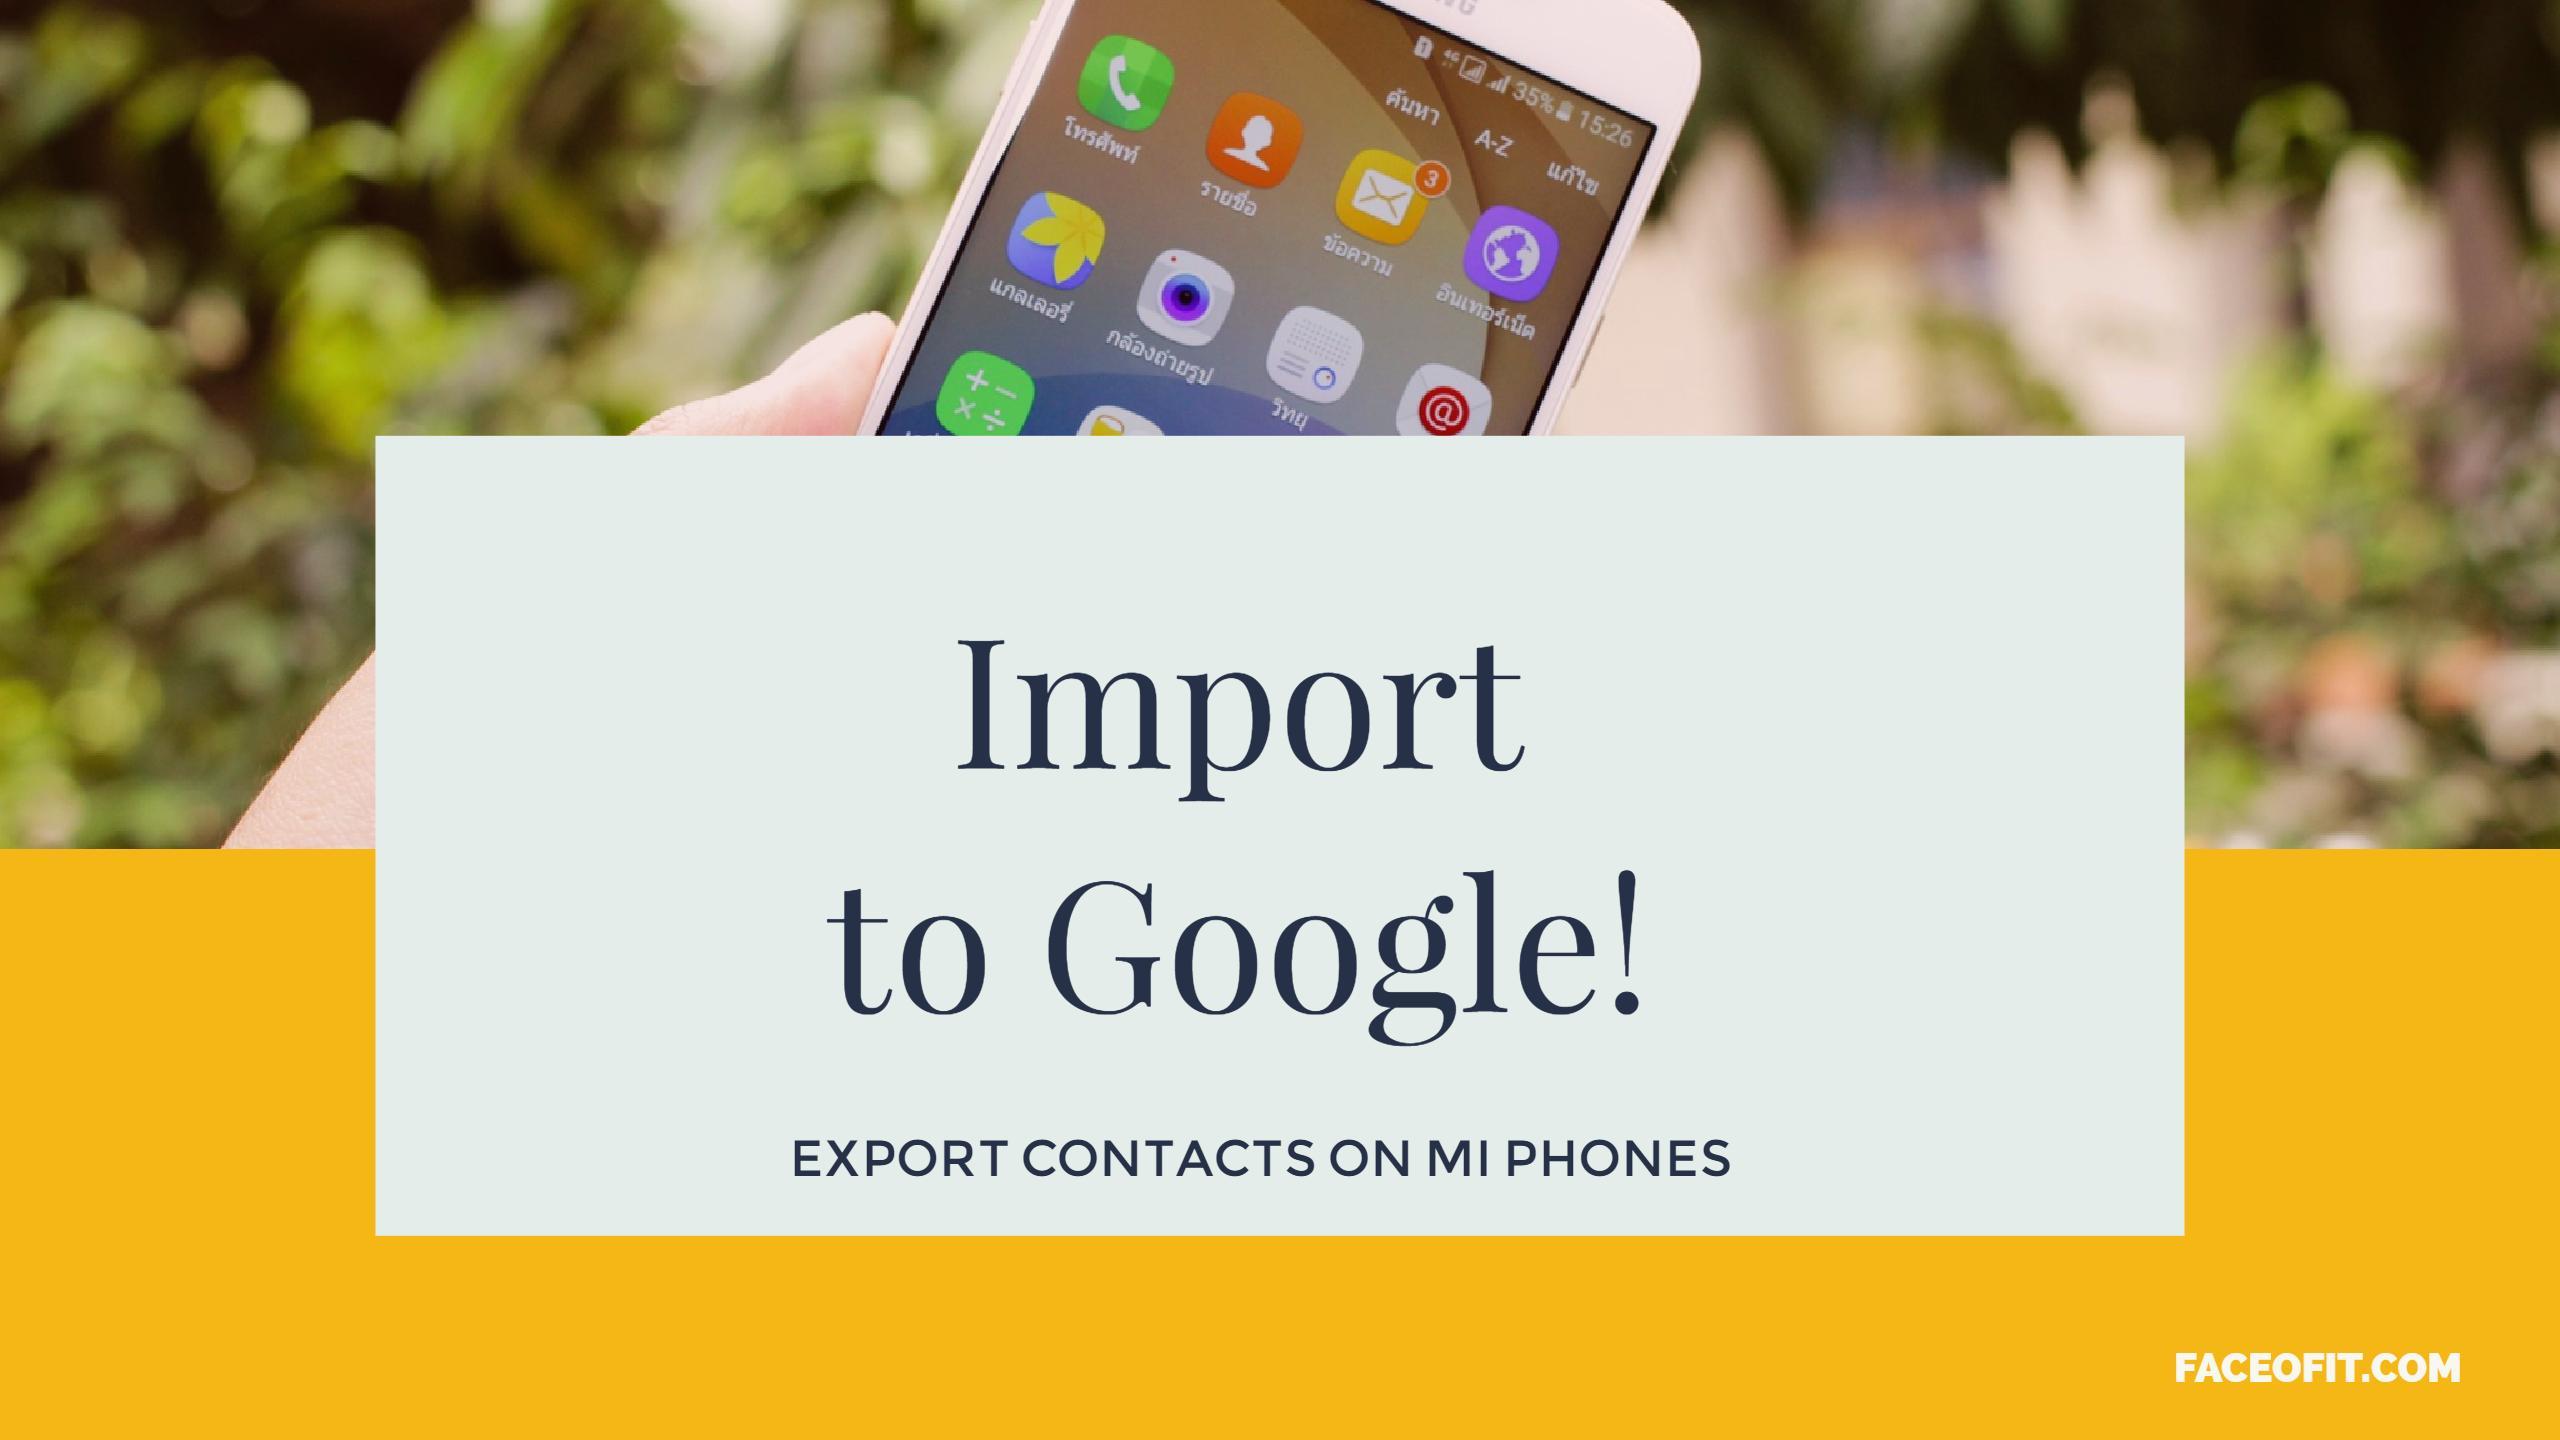 Export Contacts on Xiaomi Mi Phones